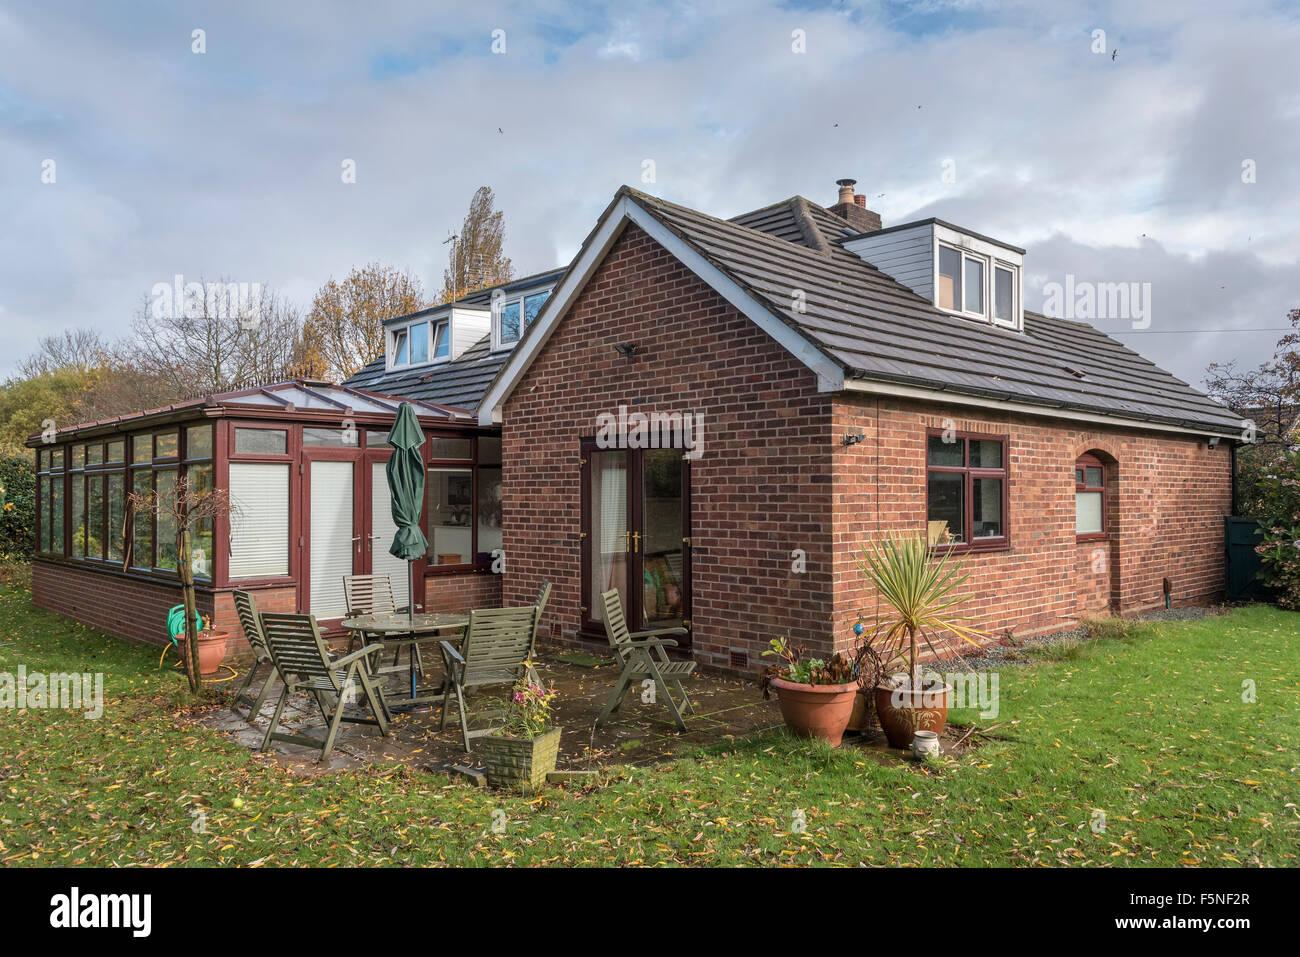 Typische Dachgaube Bungalow in Mittelklasse England mit ...